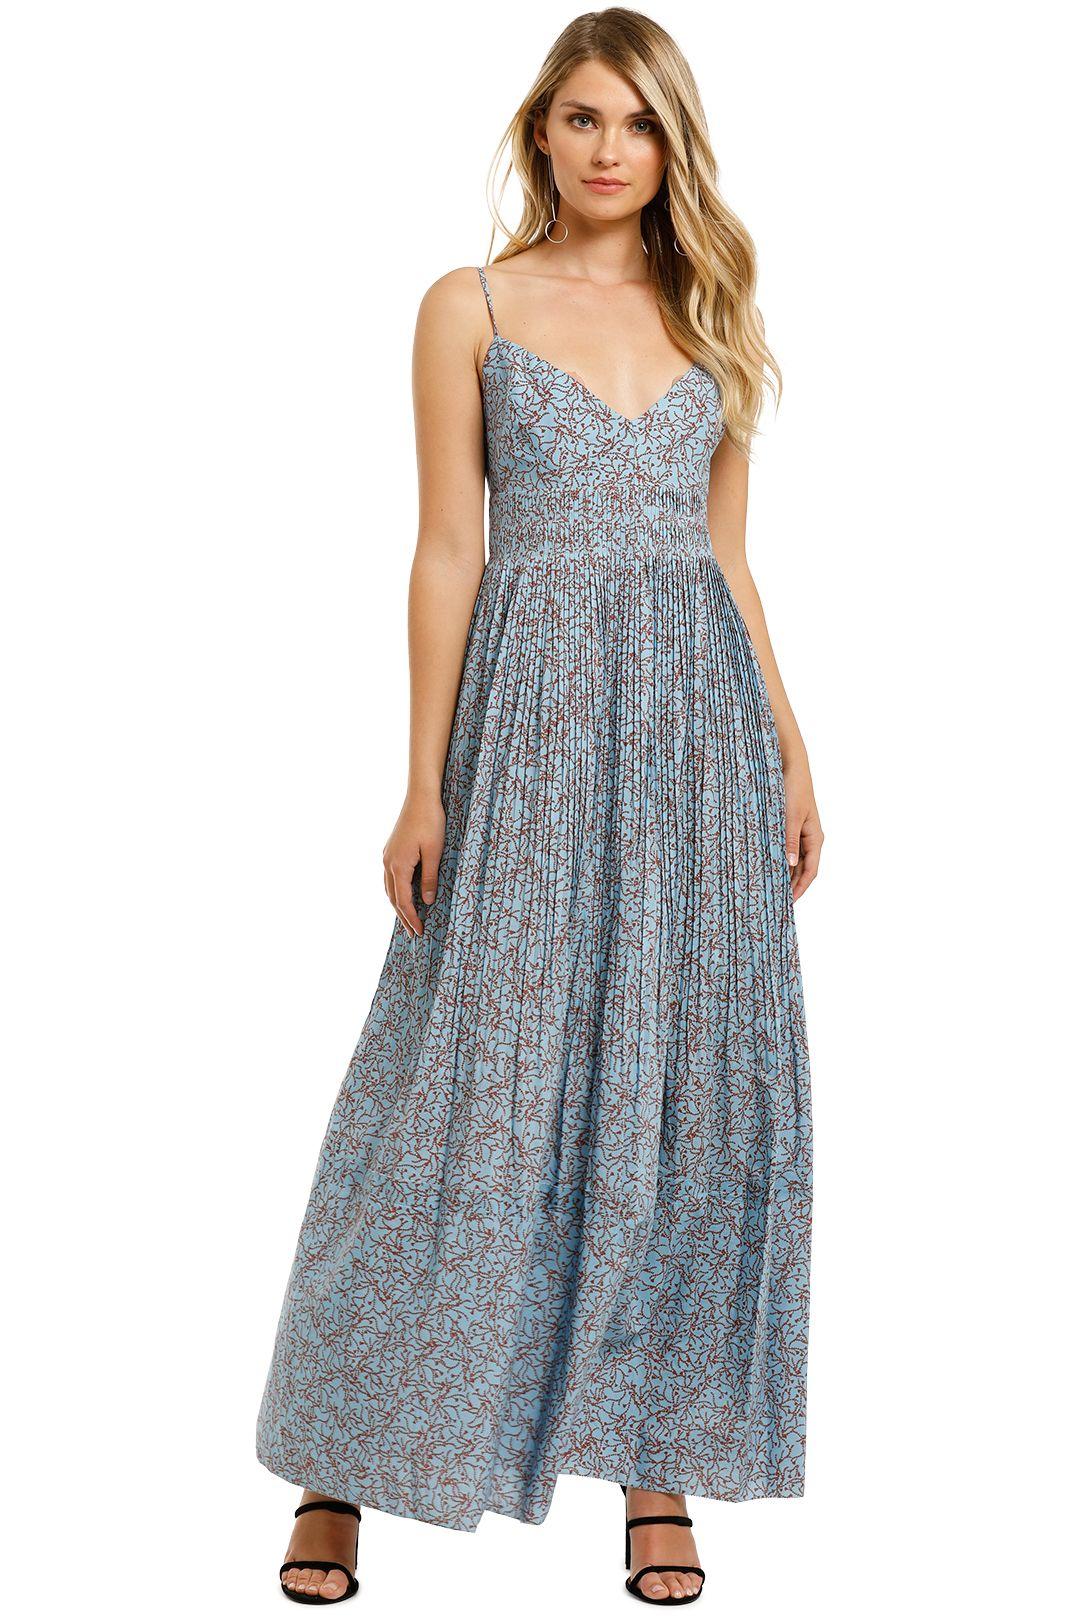 Nicholas-Susan-Dress-Slate-Blue-Floral-Front